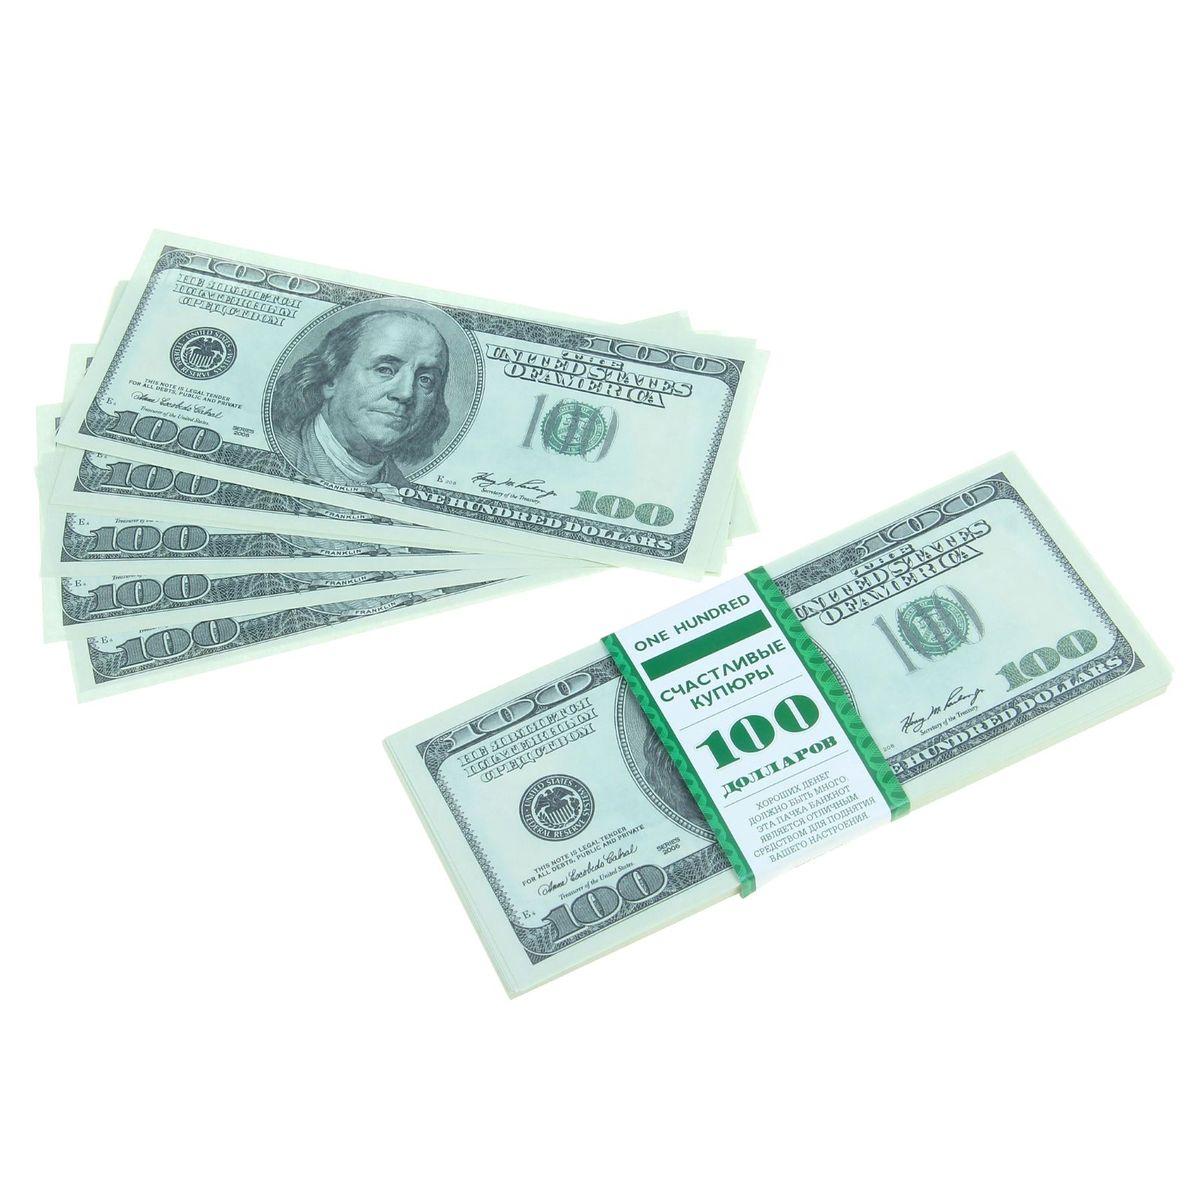 Деньги для выкупа Sima-land 100 долларов, 20,3 х 8,6 см1015857Хотите весело и щедро выкупить невесту? Легко! С вас - боевое настроение, а о деньгах не волнуйтесь! Набор Sima-land 100 долларов состоит из 80 банкнот. Деньги выглядят совсем как настоящие, только очень большие. Такие шуточные купюры пригодятся жениху для того, чтобы откупиться от некоторых заданий при выкупе невесты. Подойдут также и для проведения свадебных конкурсов.Размер купюры: 20,3 х 8,6 см.